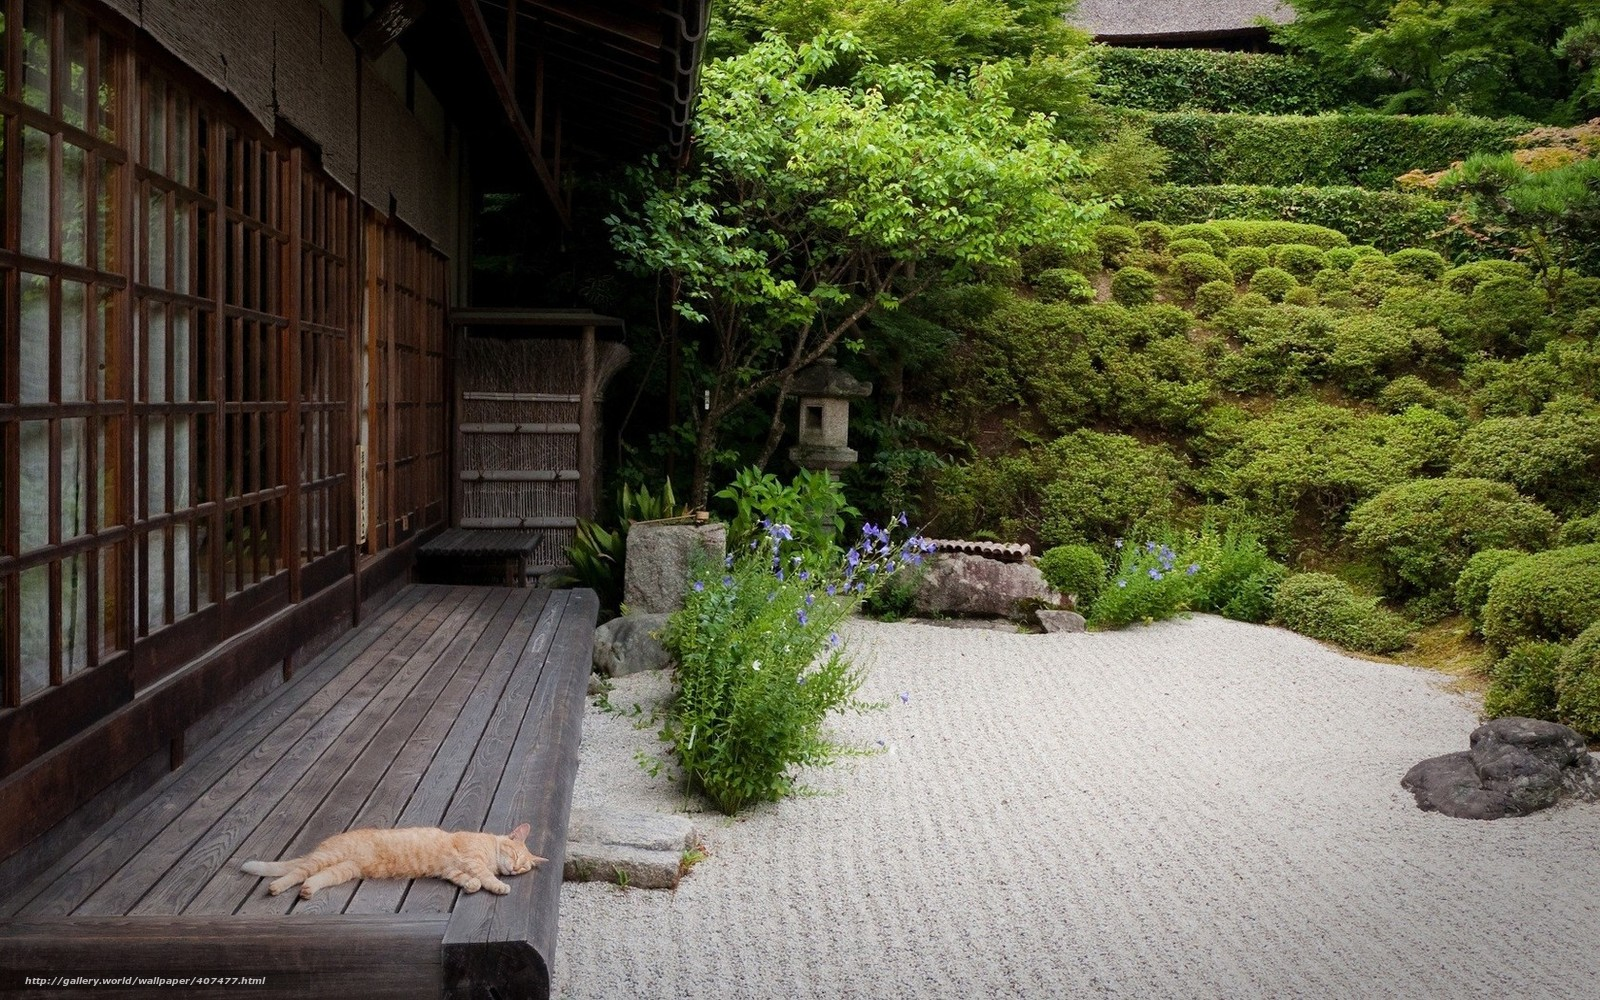 tlcharger fond d 39 ecran japon maison jardin patio fonds d 39 ecran gratuits pour votre rsolution. Black Bedroom Furniture Sets. Home Design Ideas